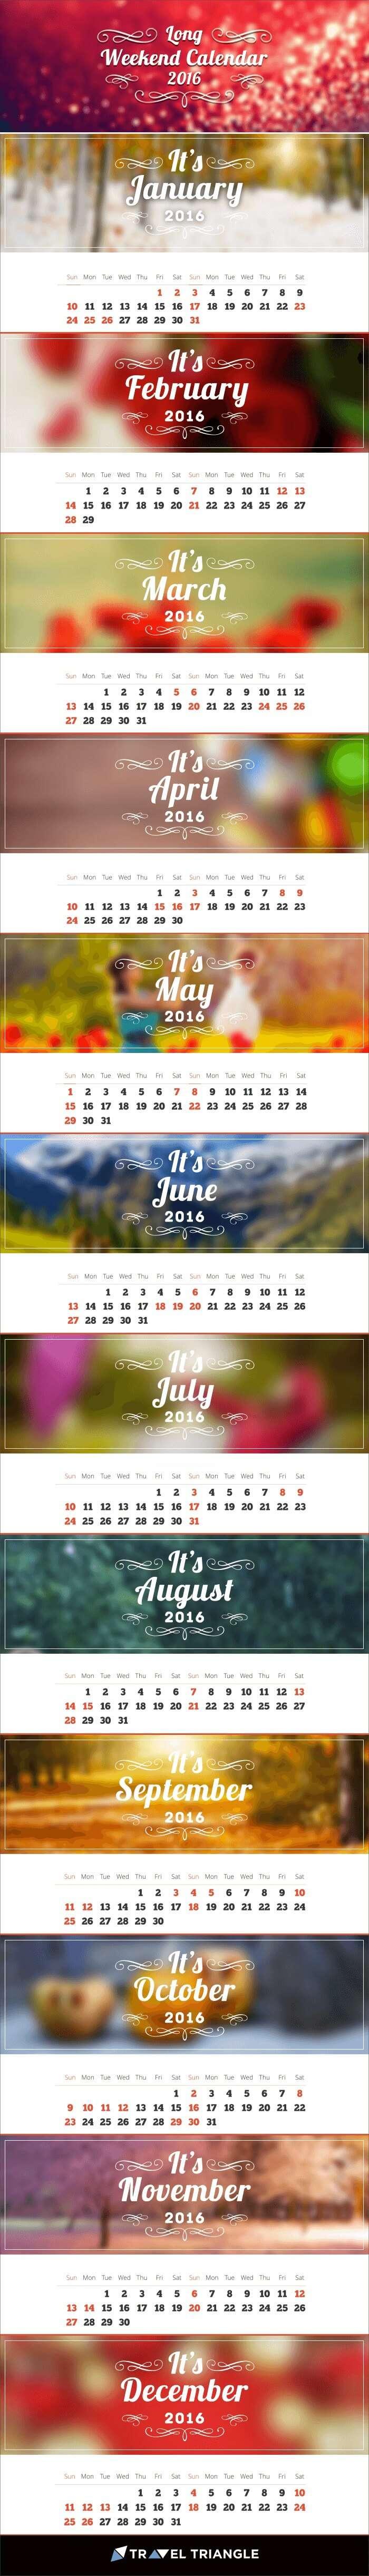 List of long weekend getaways in the year 2016